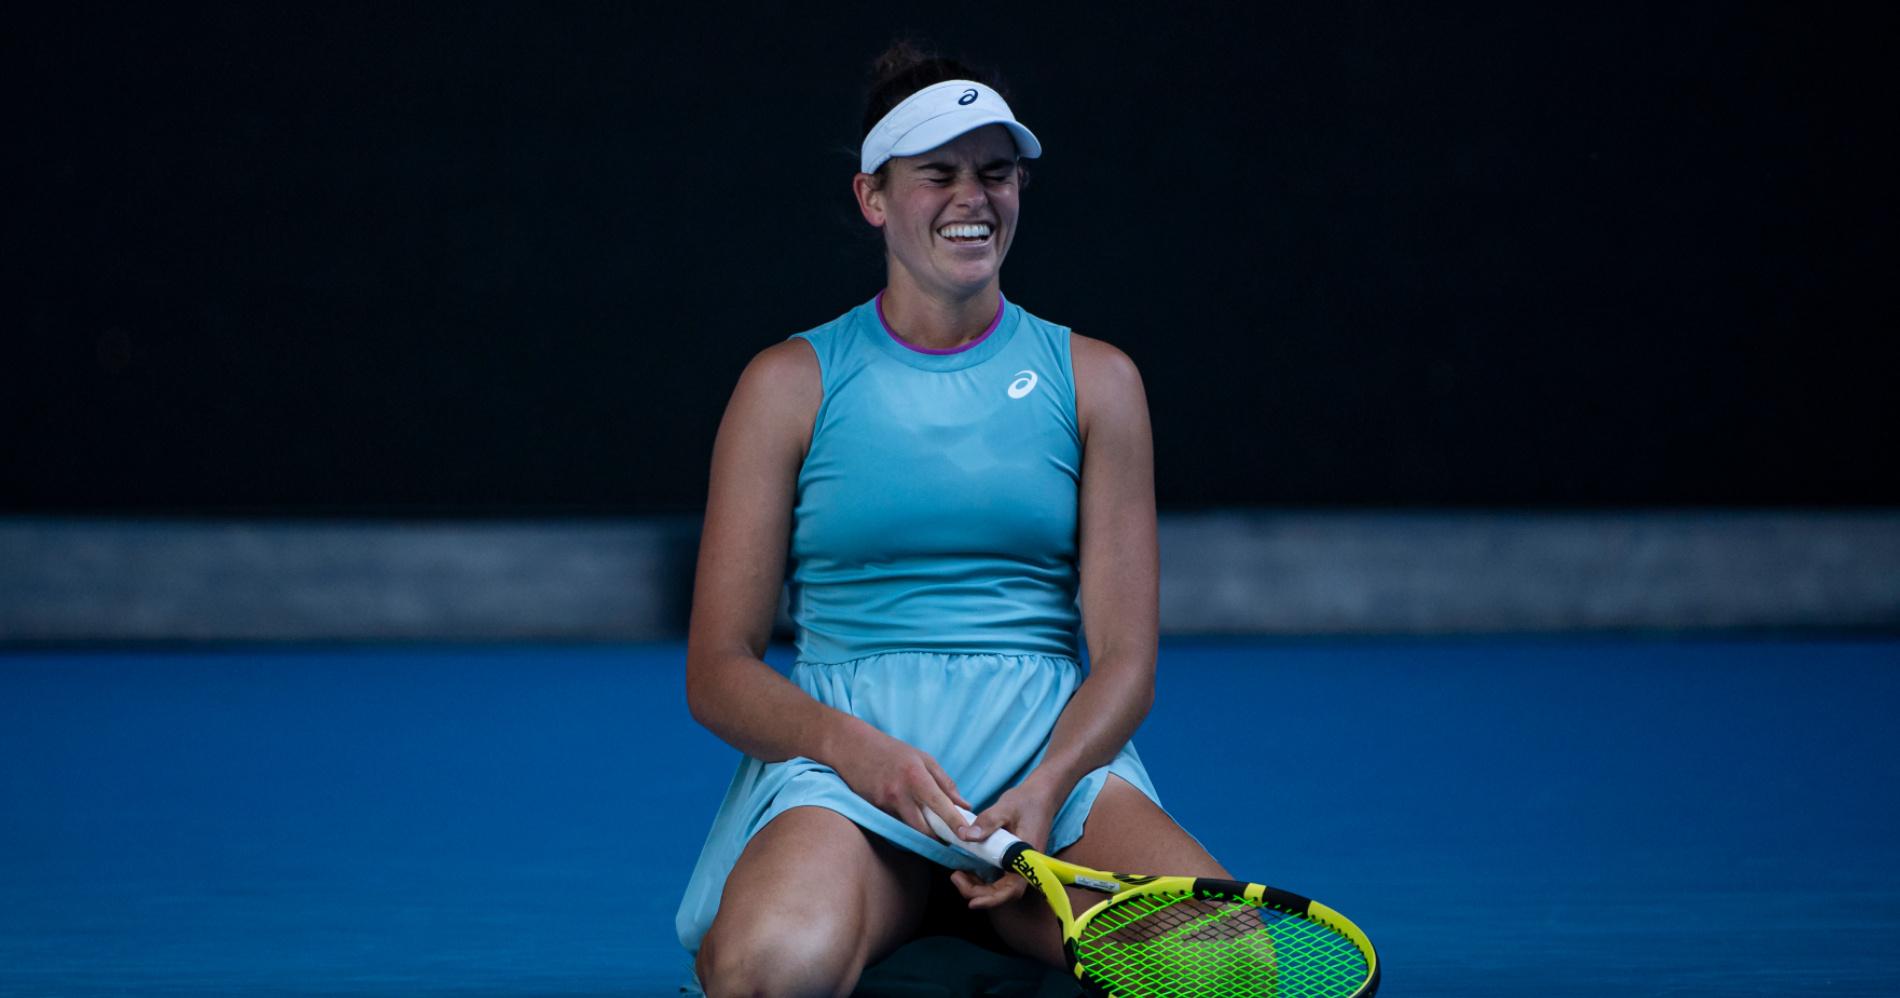 jennifer brady 2021 Australian Open semifinal